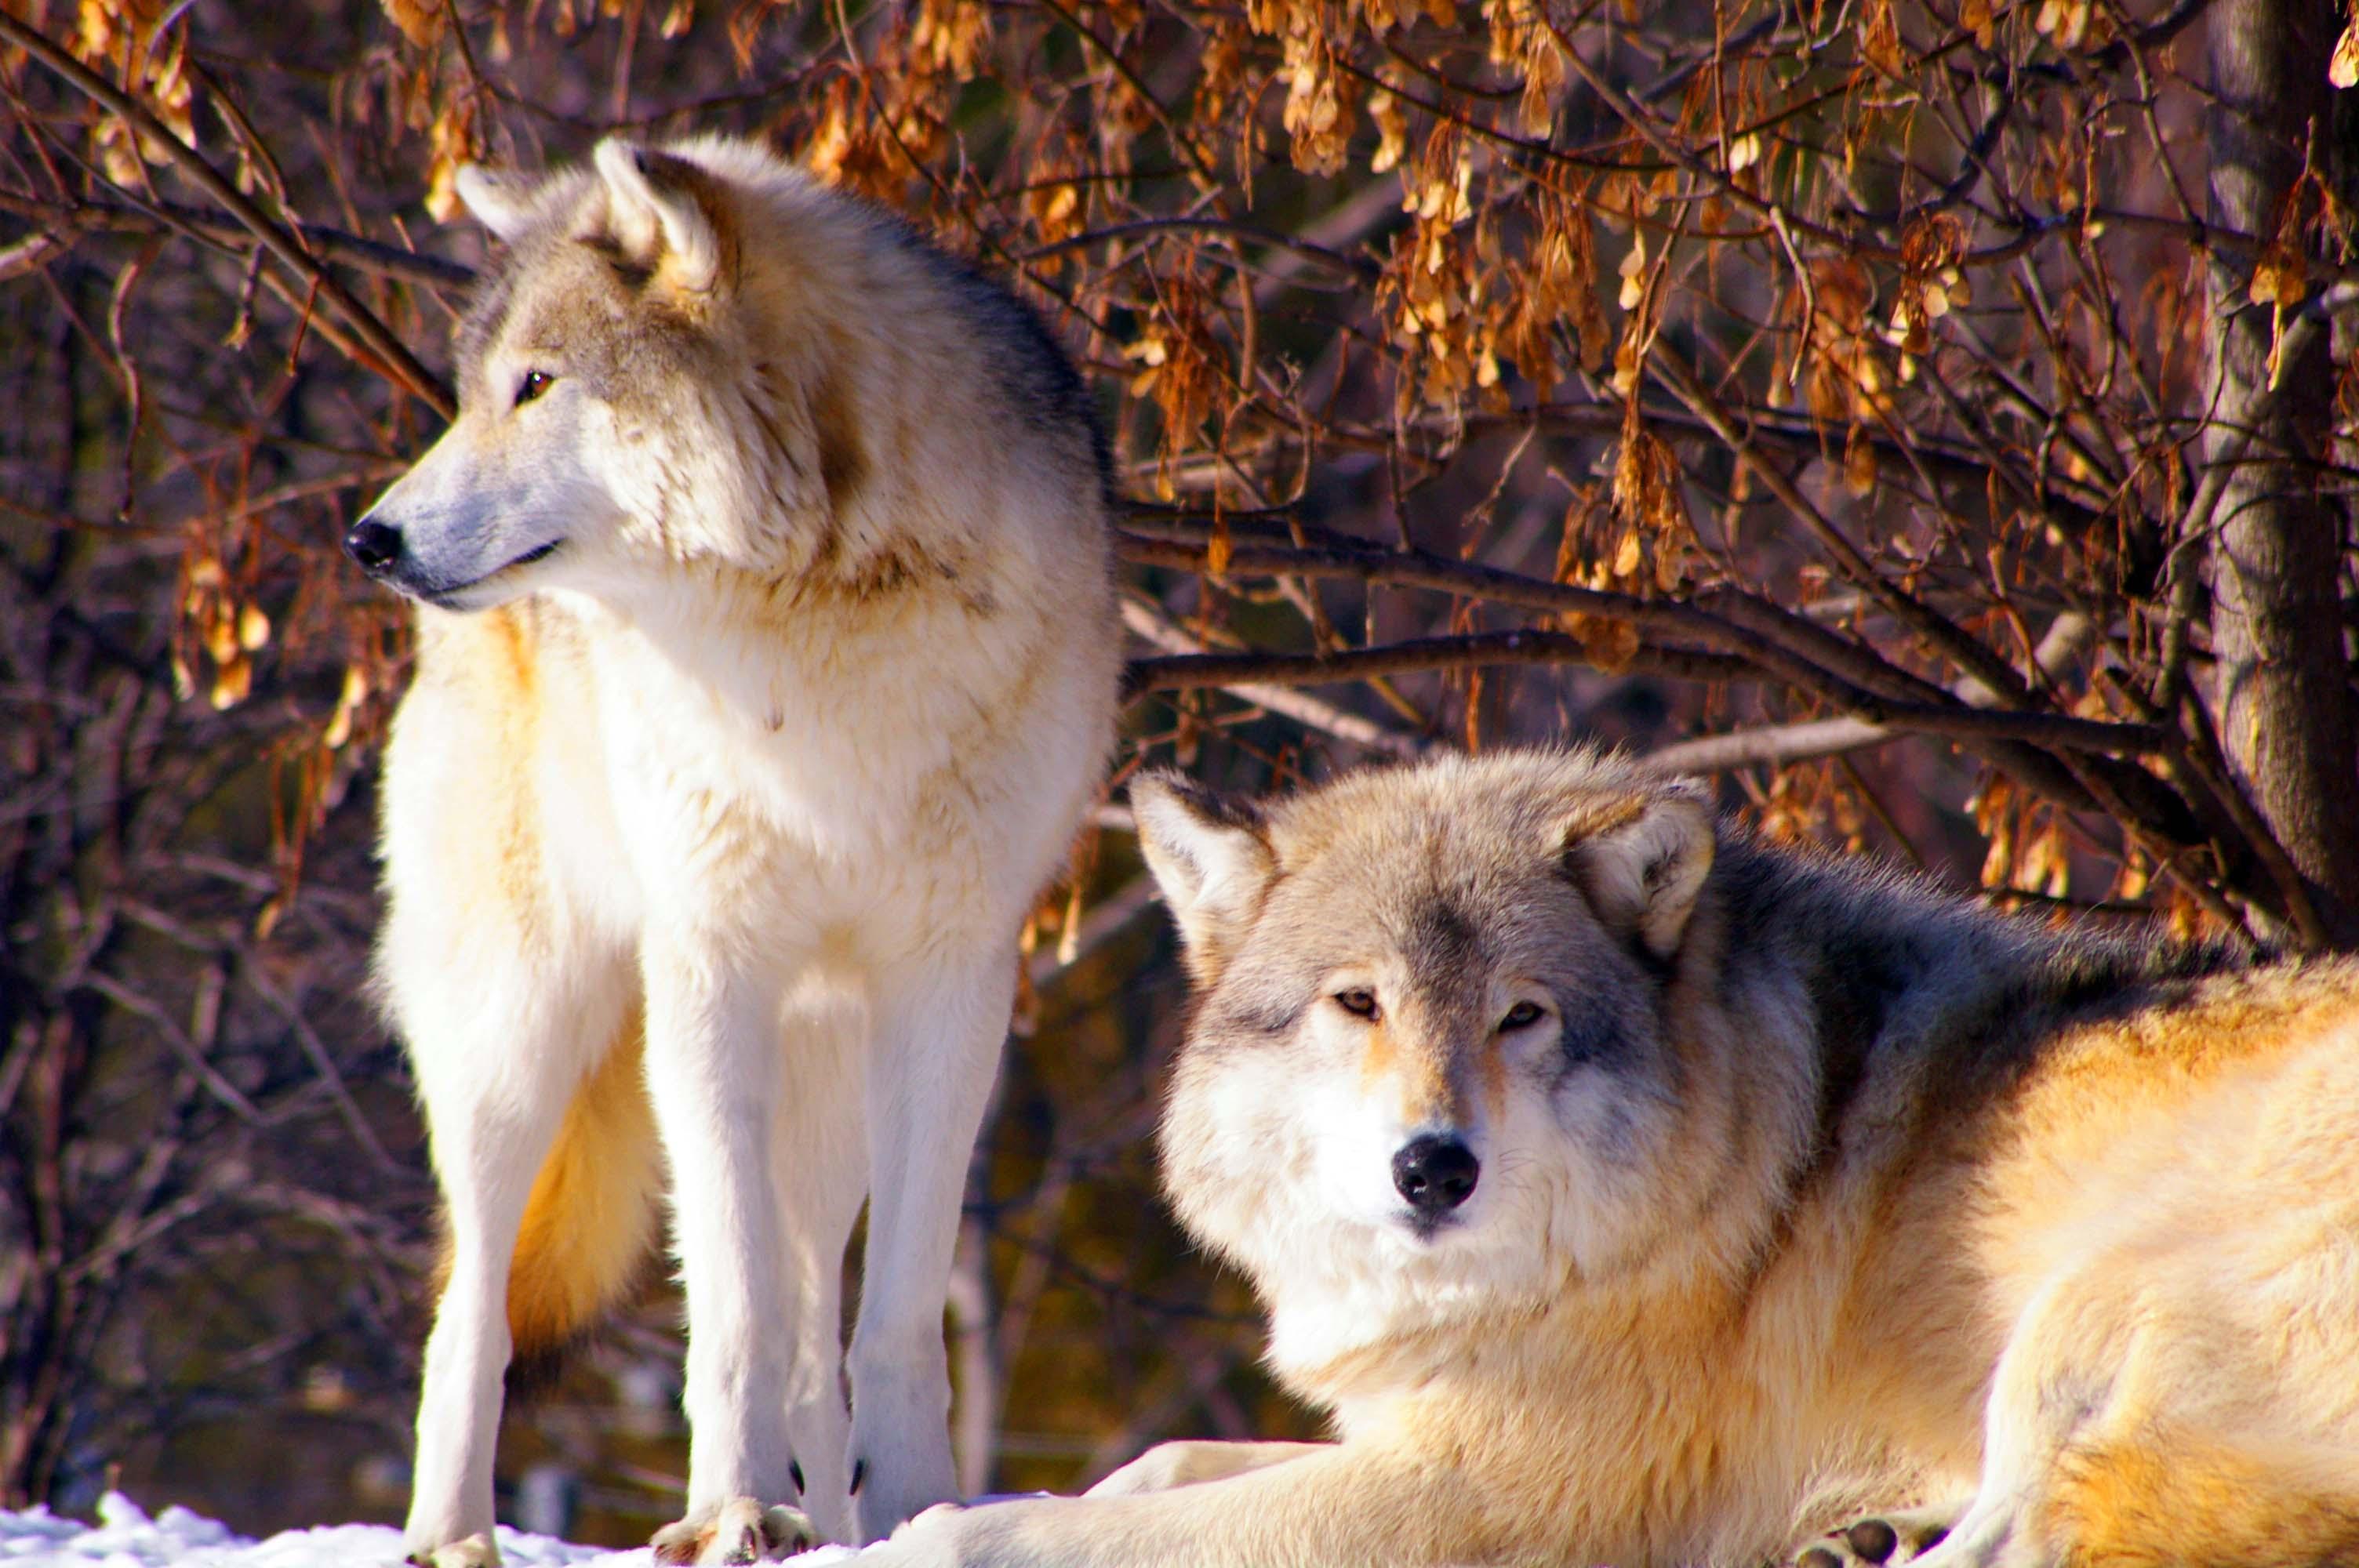 морем, иль фото волчьей семьи освенцима подвергались